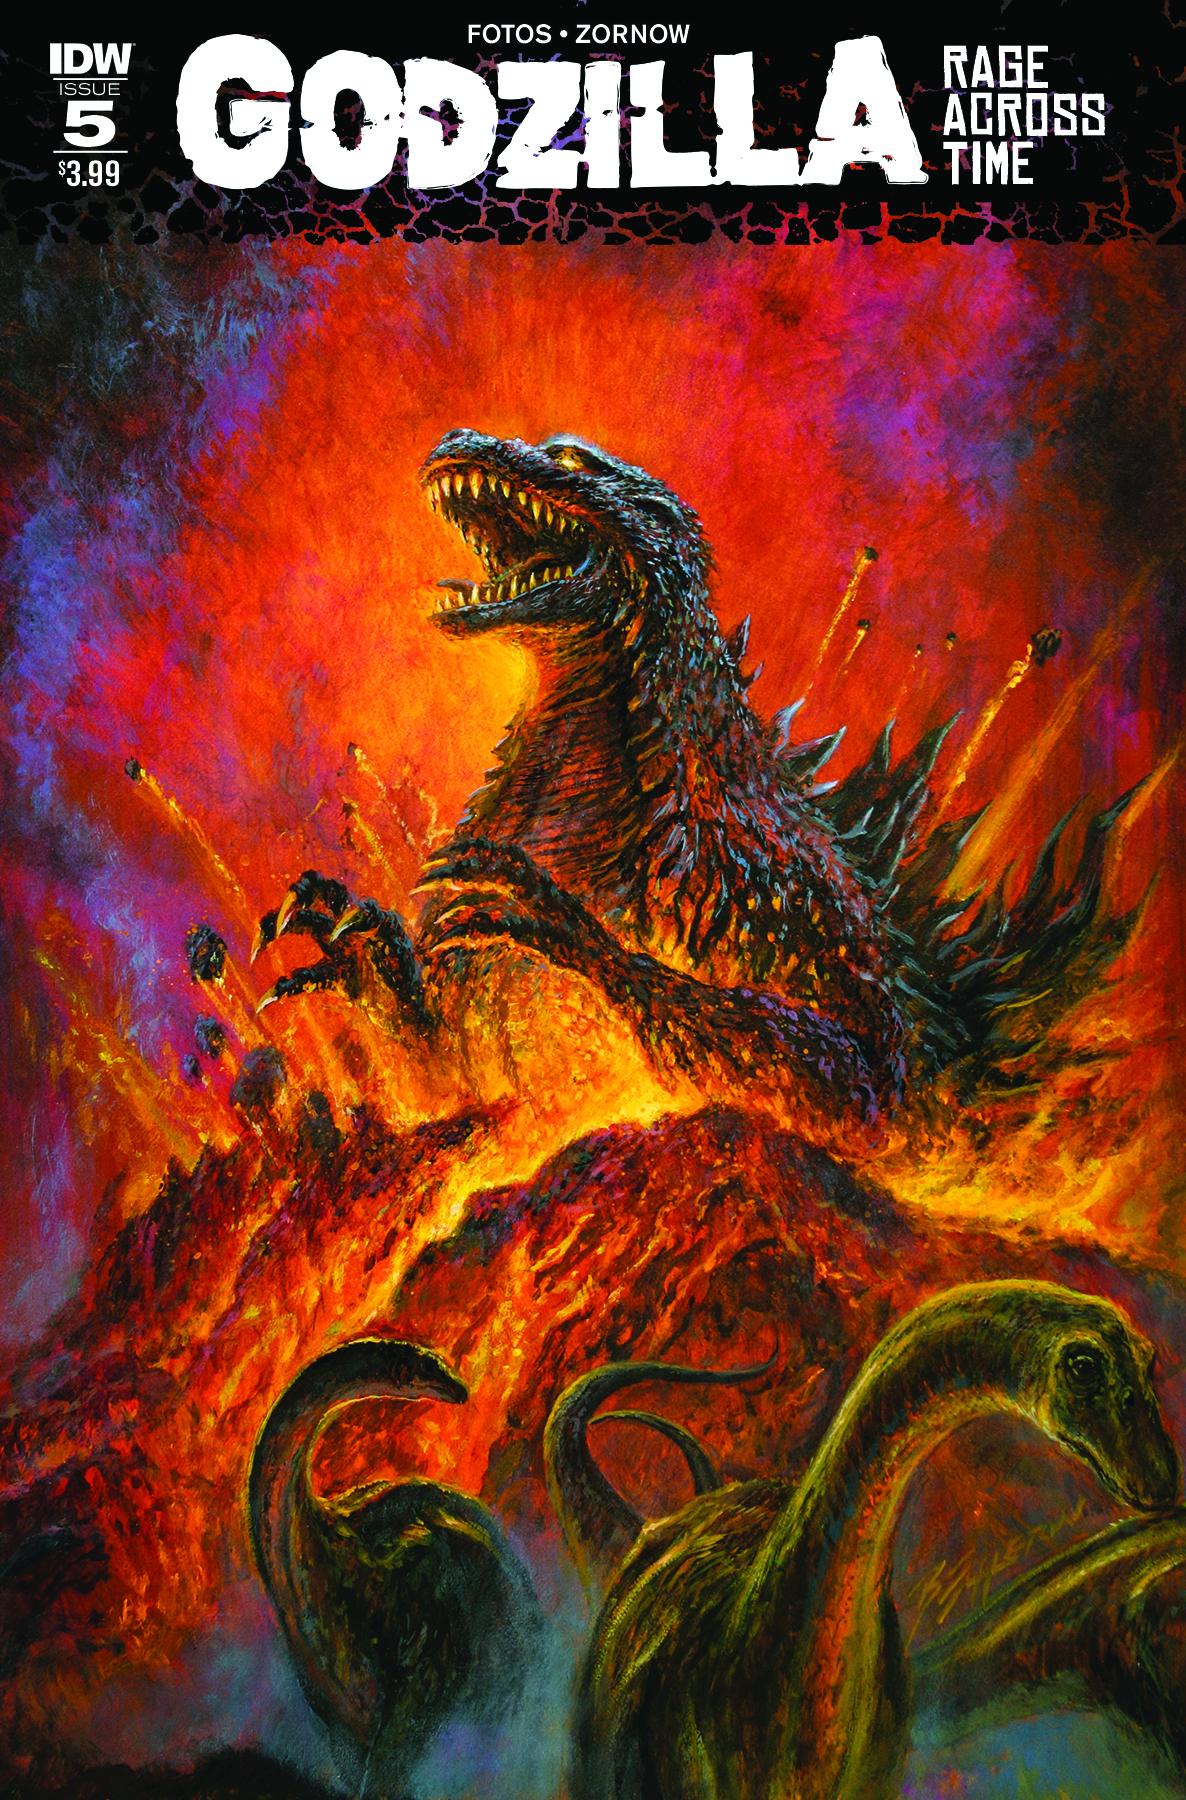 Godzilla Oblivion #4 NEW!!! of 5